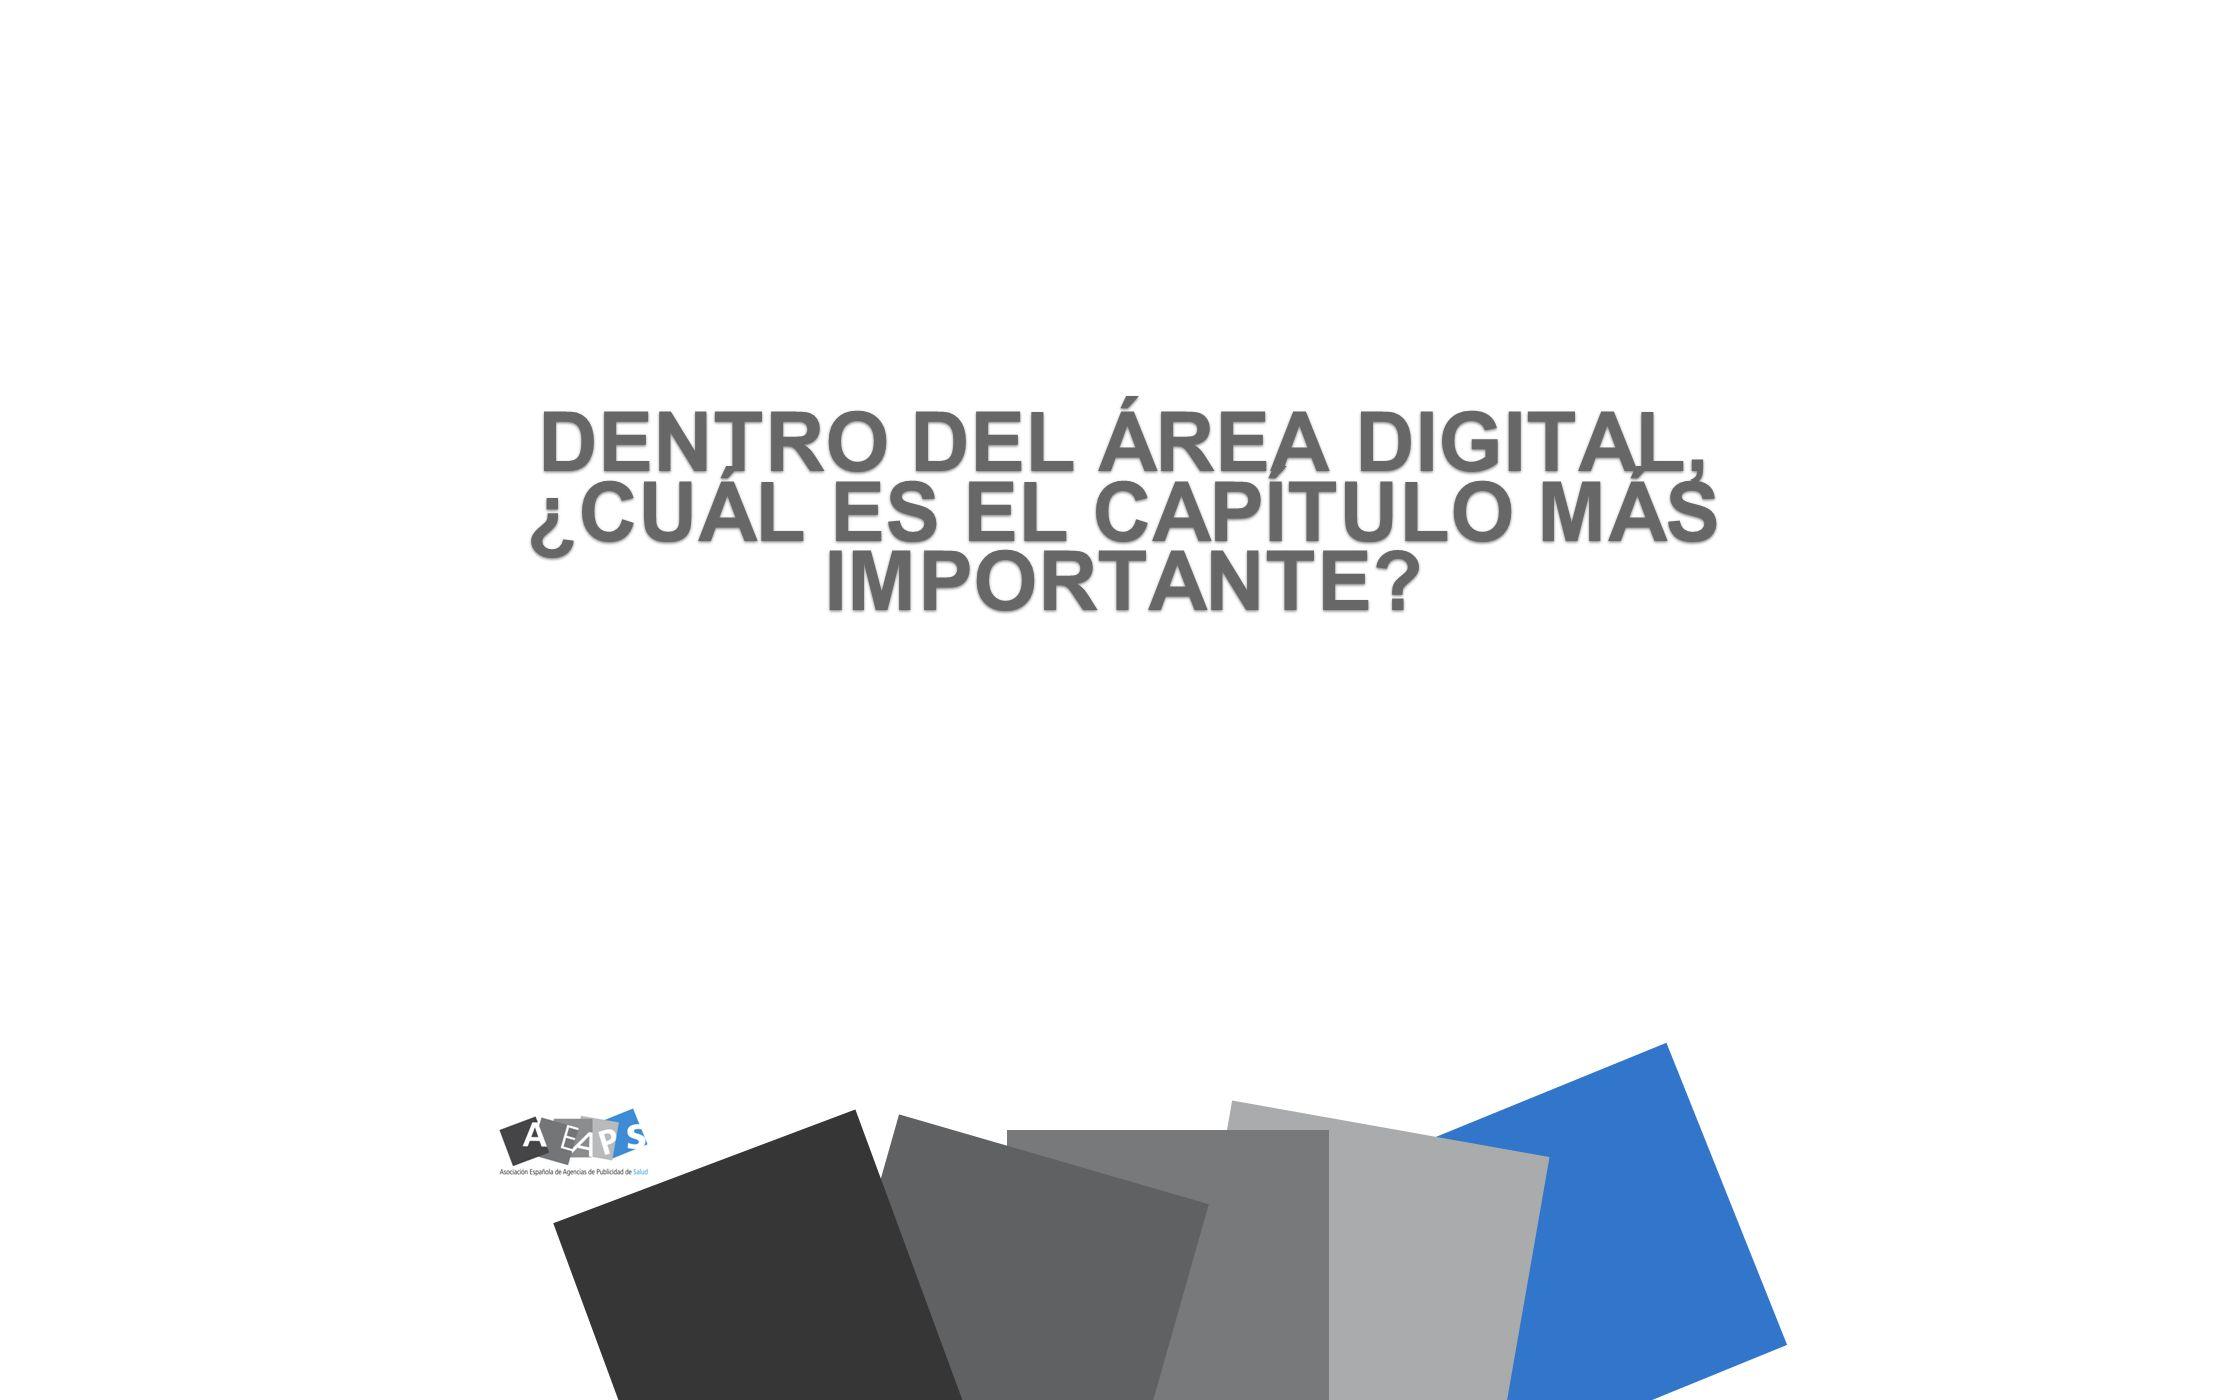 DENTRO DEL ÁREA DIGITAL, ¿CUÁL ES EL CAPÍTULO MÁS IMPORTANTE